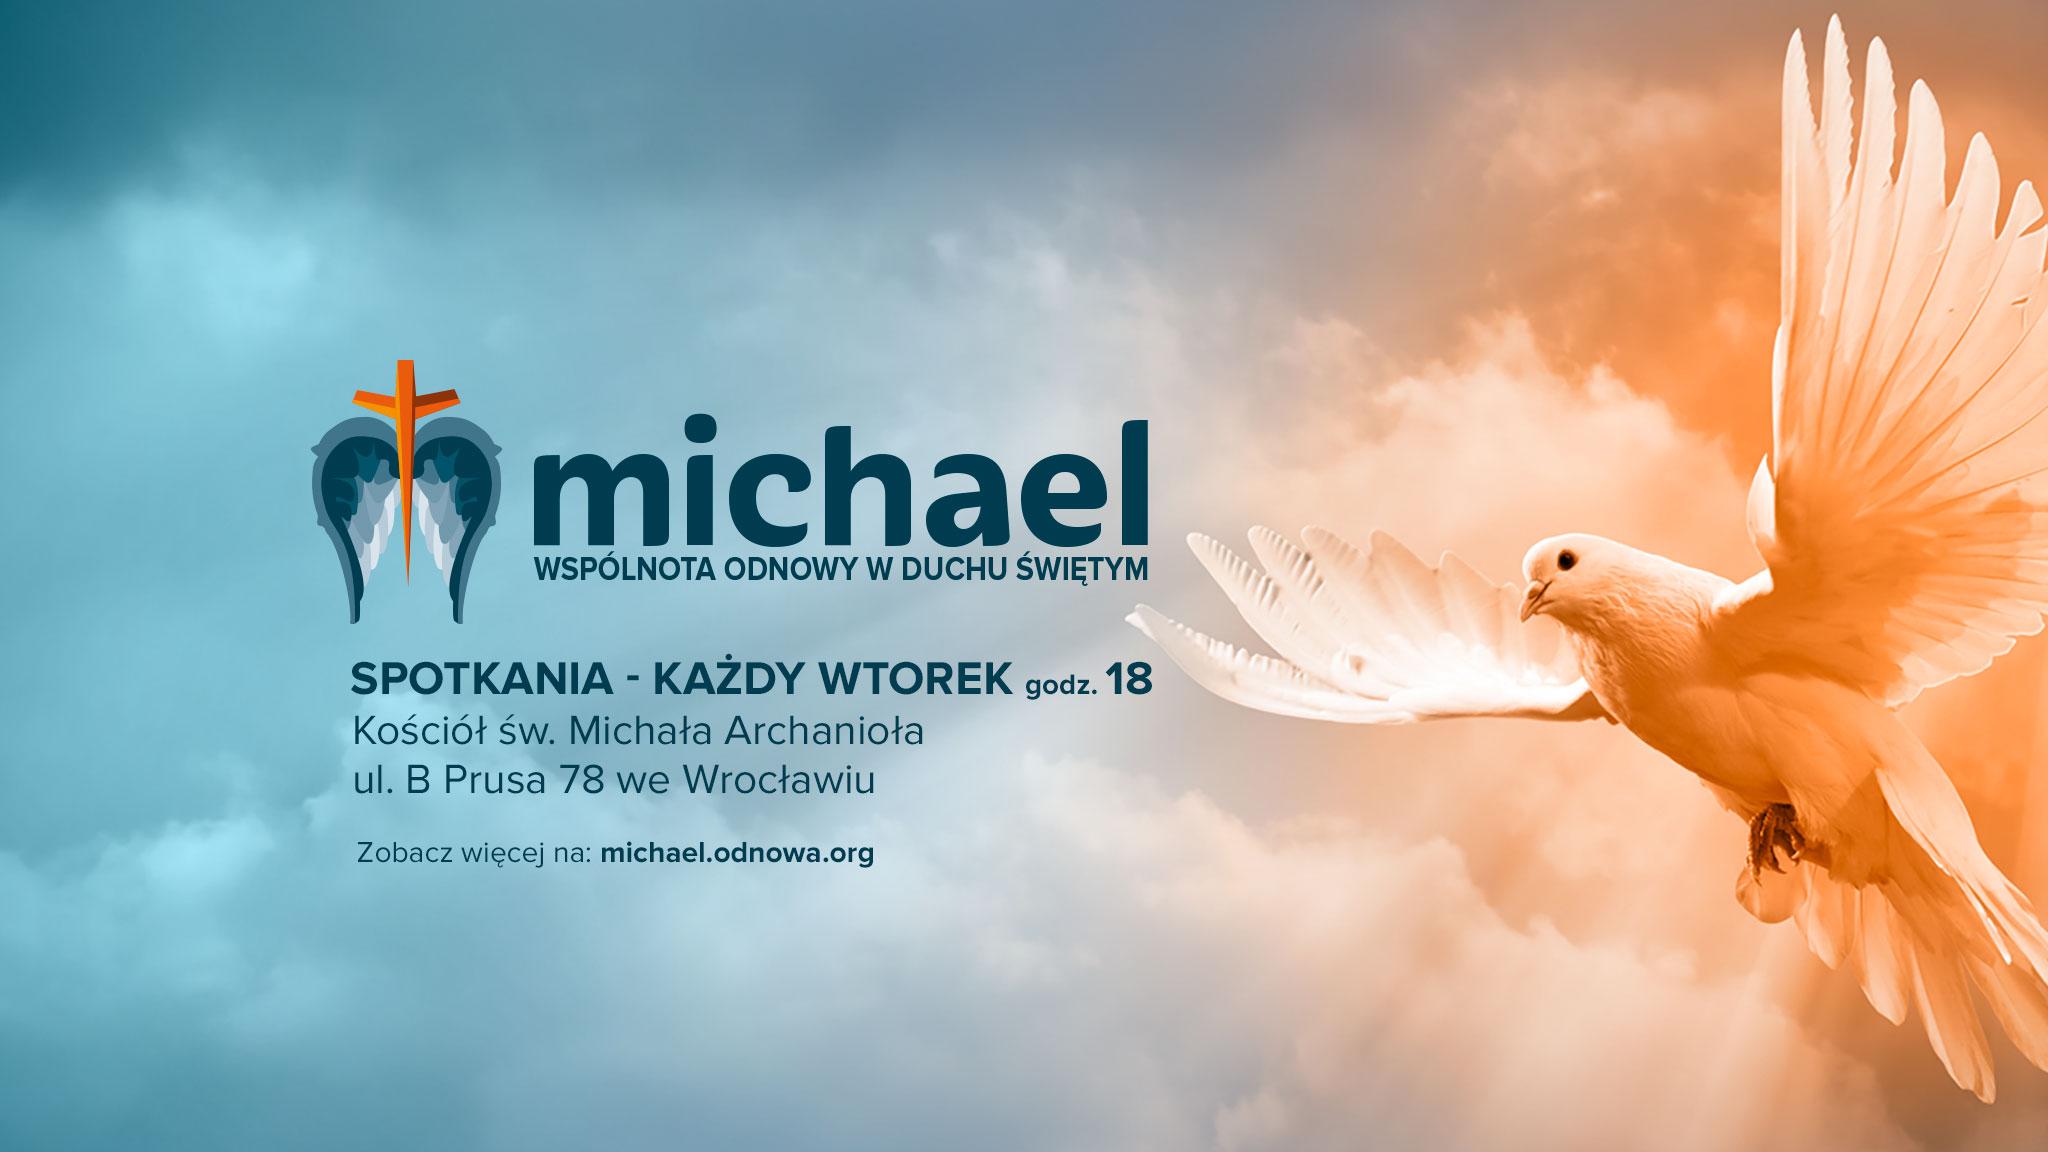 Wtorkowe spotkania modlitewne - Wspólnota Michael, Wrocław, Ołbin